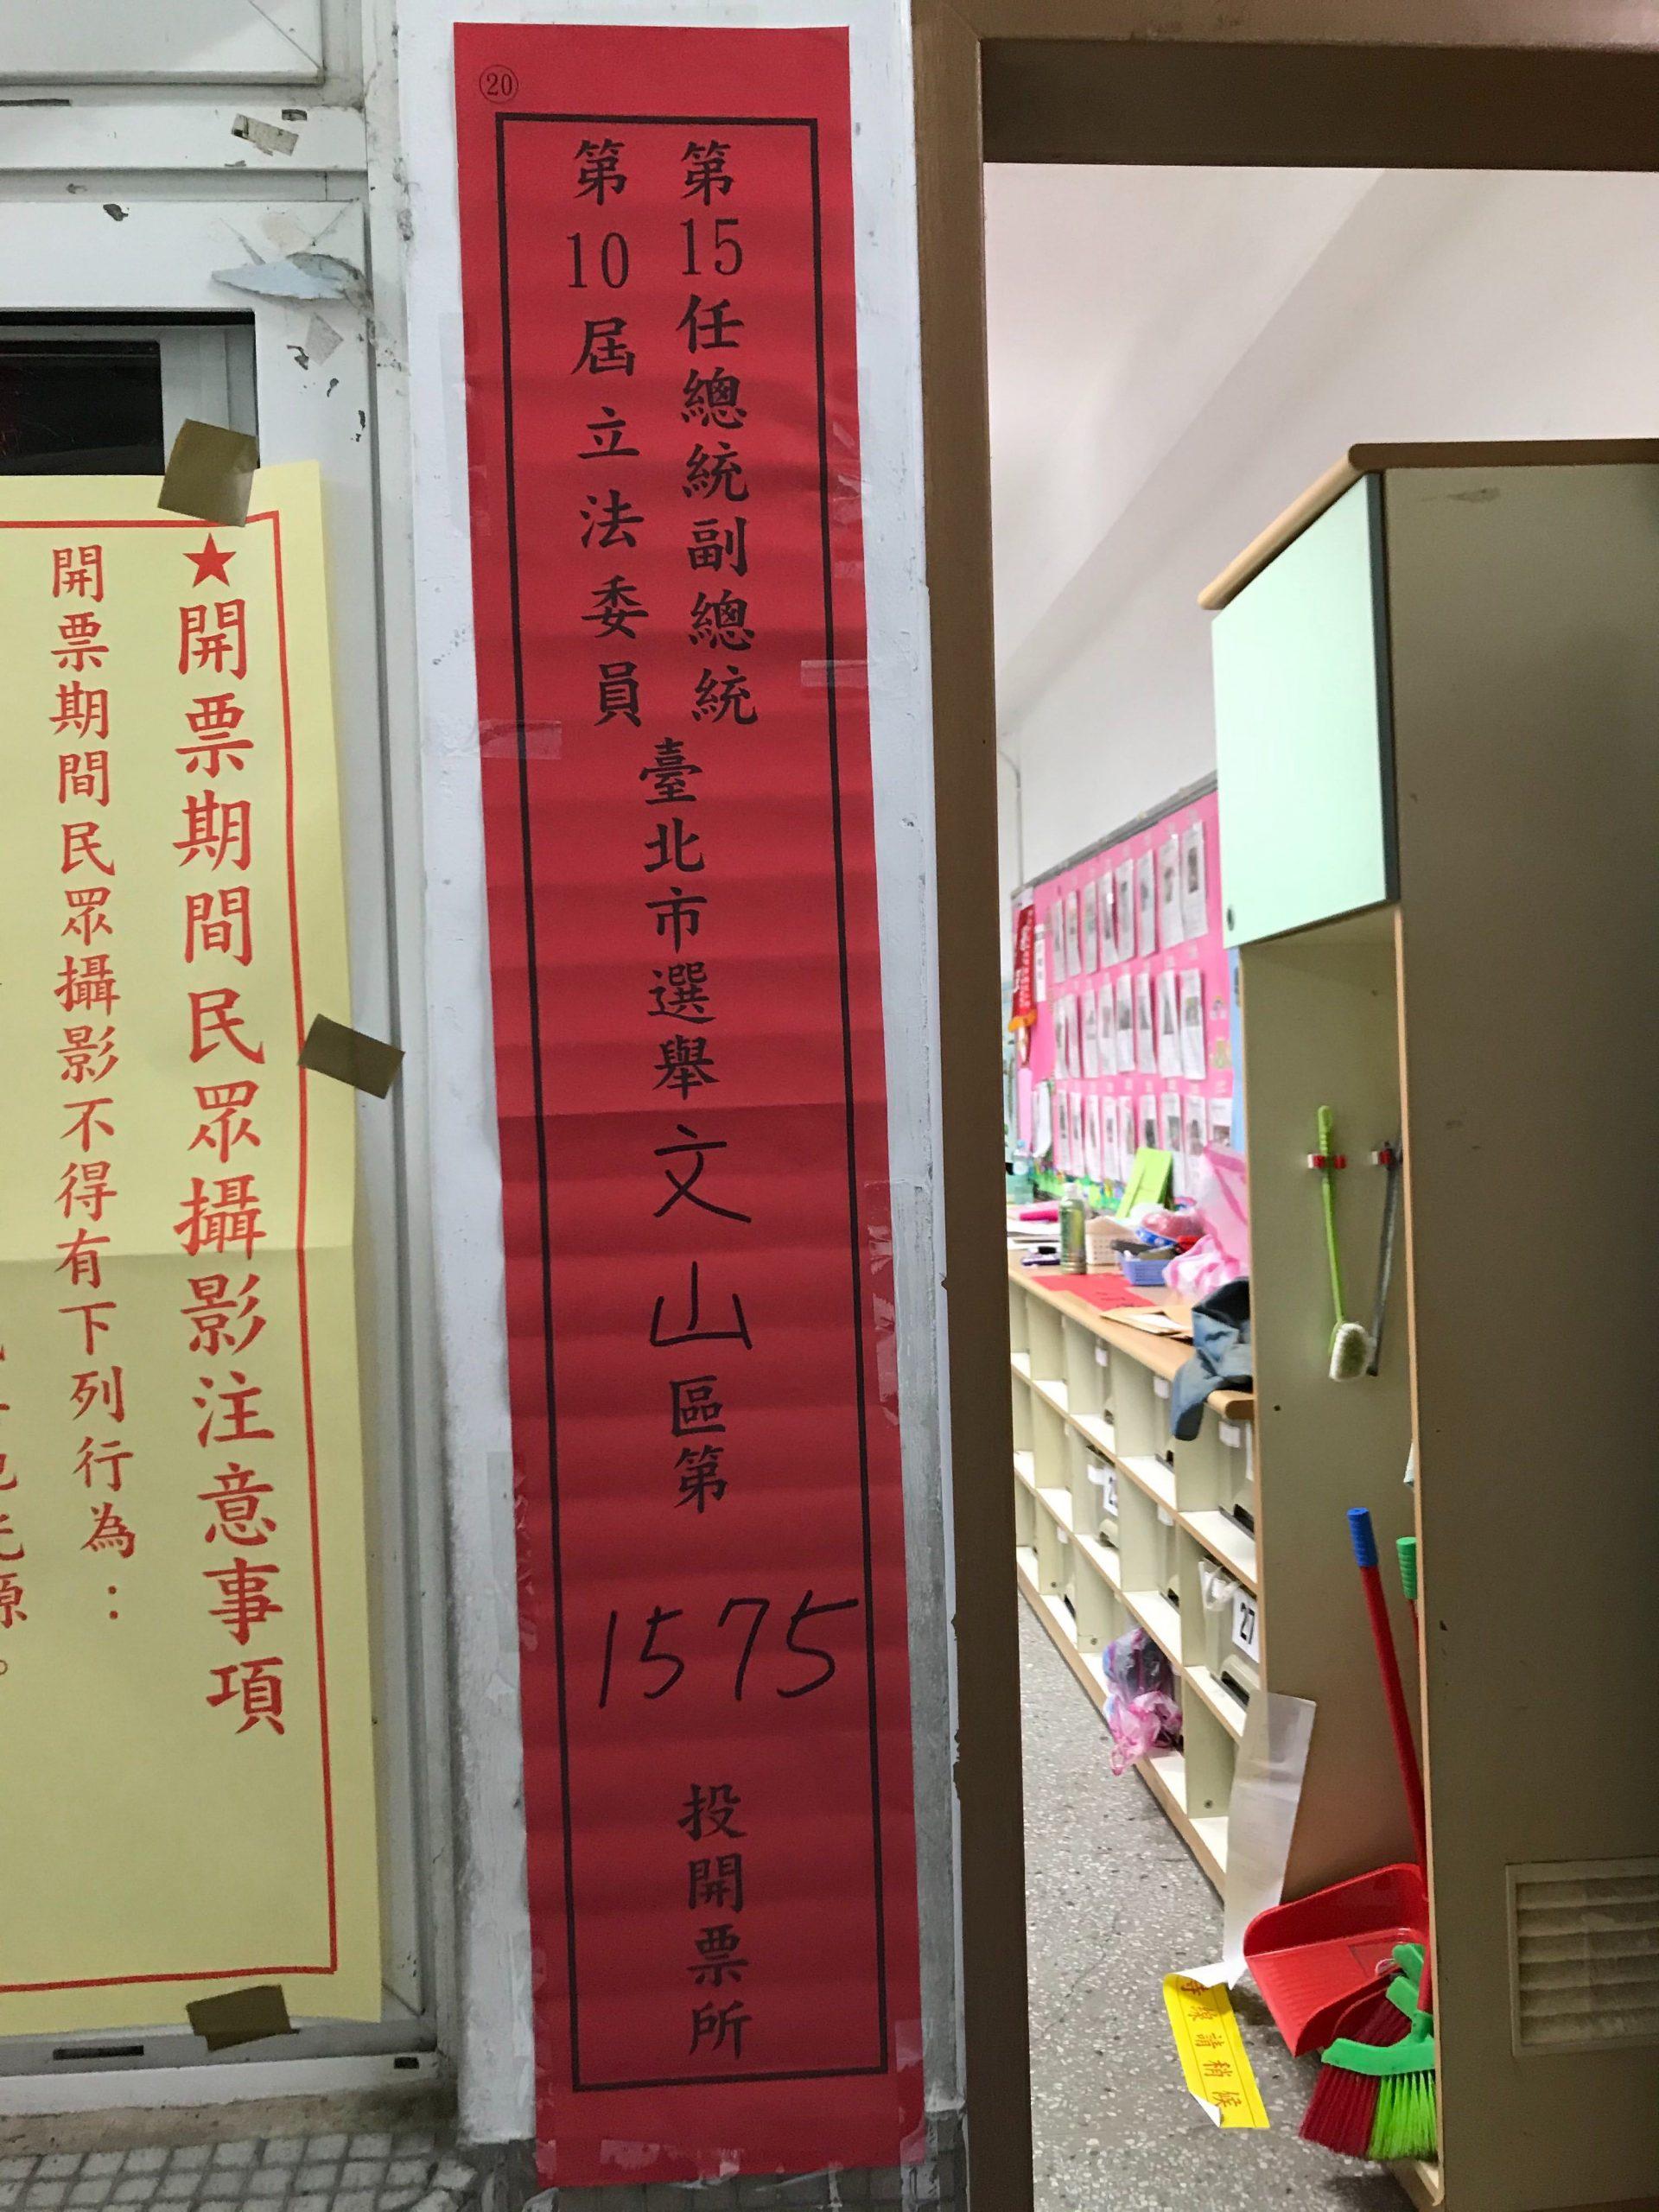 【CDTV】开始计票!台湾总统大选台北某处计票现场